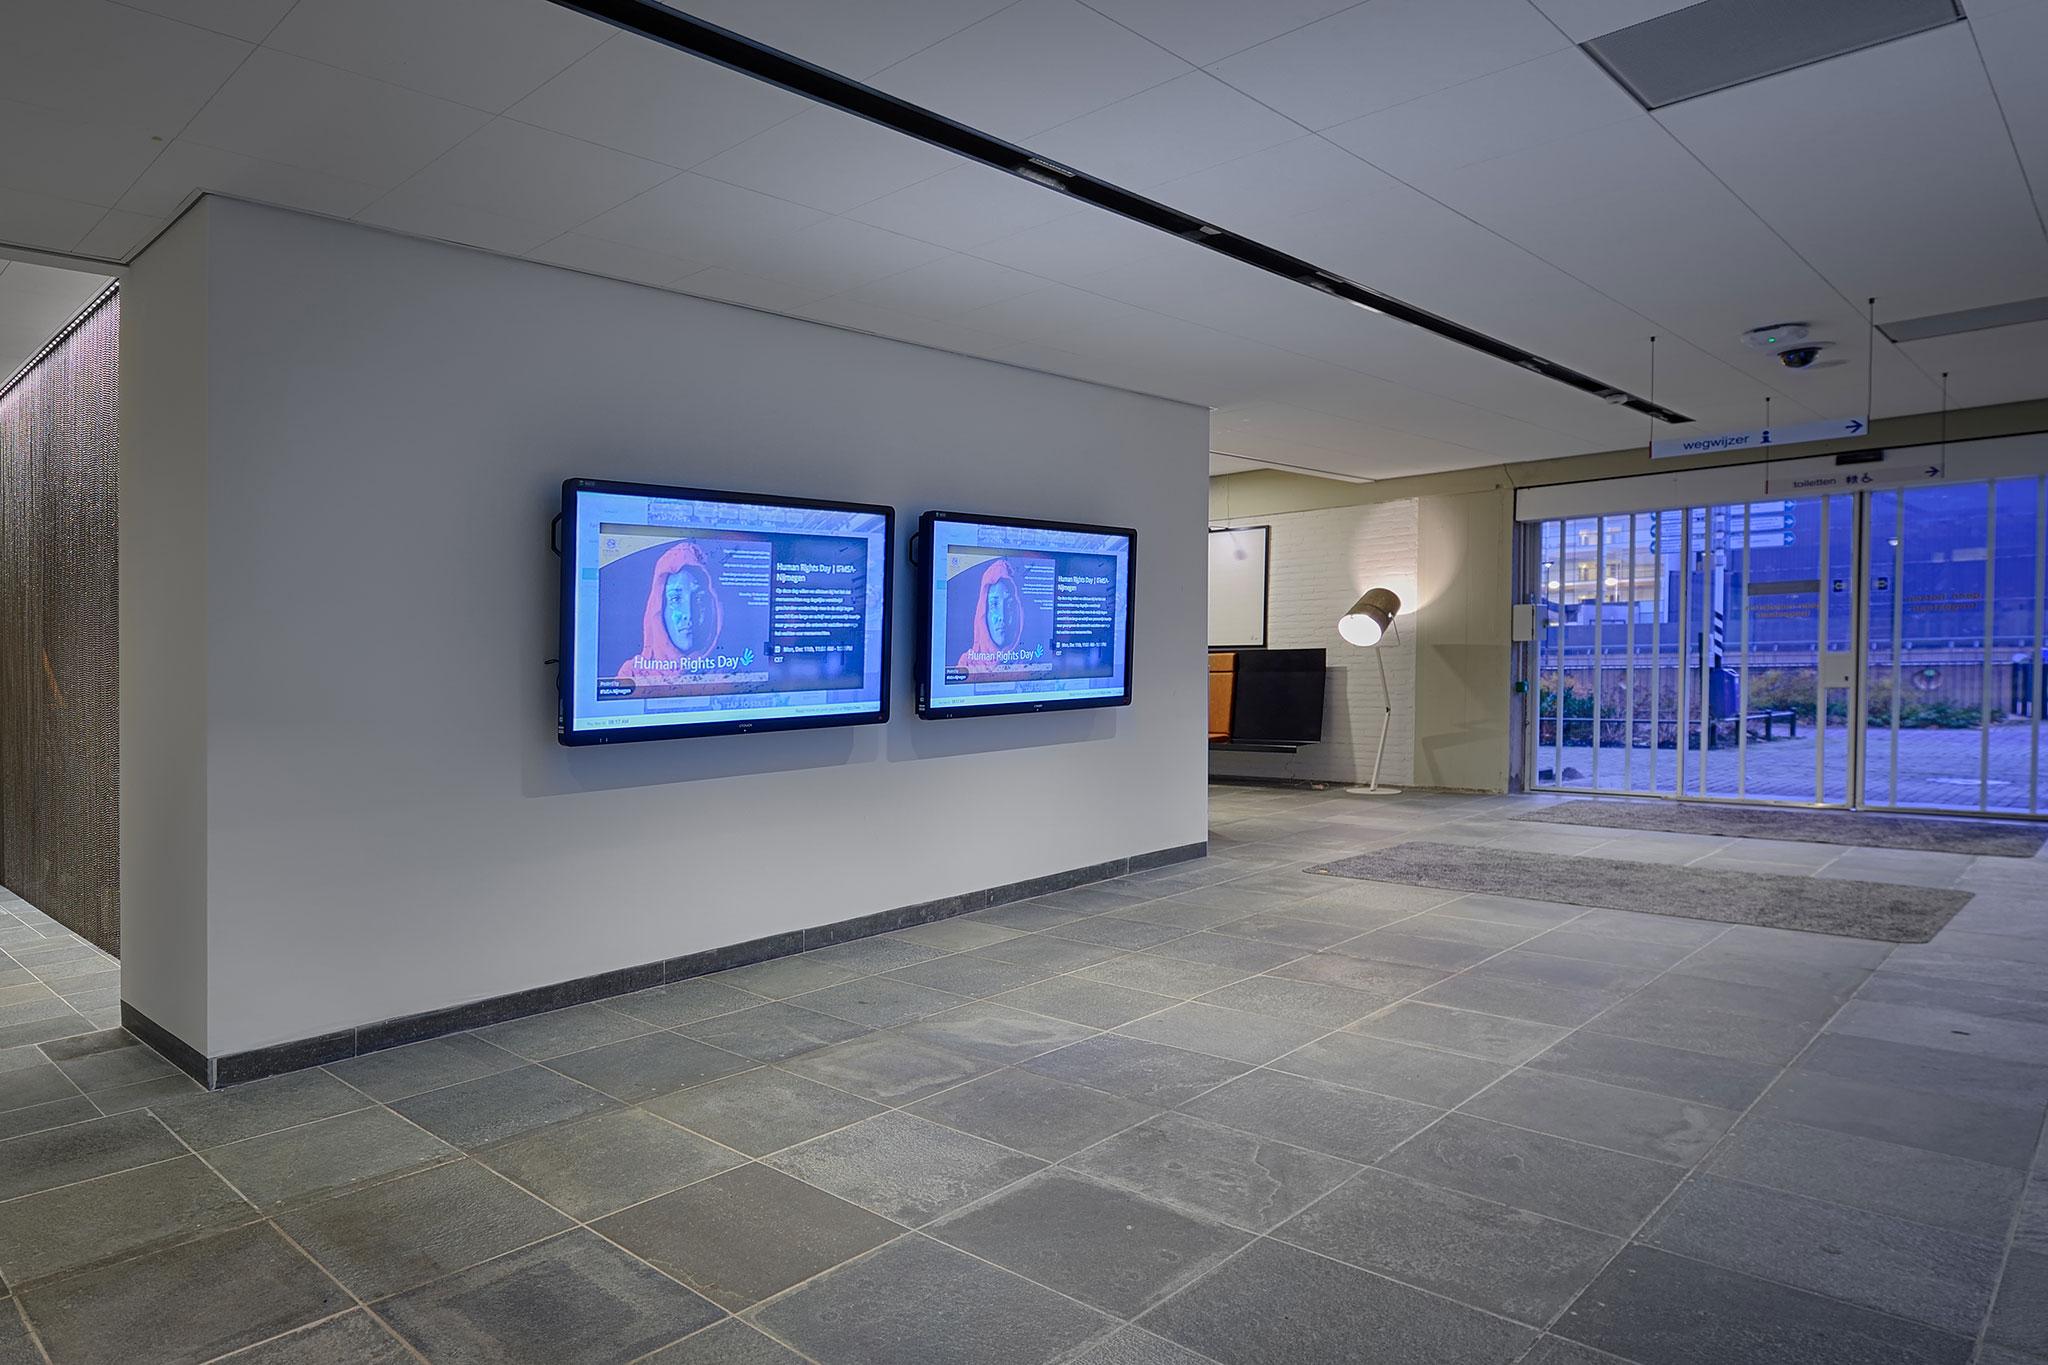 entree-m230-studiecentrum2017-11-30_cornelissen_nijmegen_radboud_001